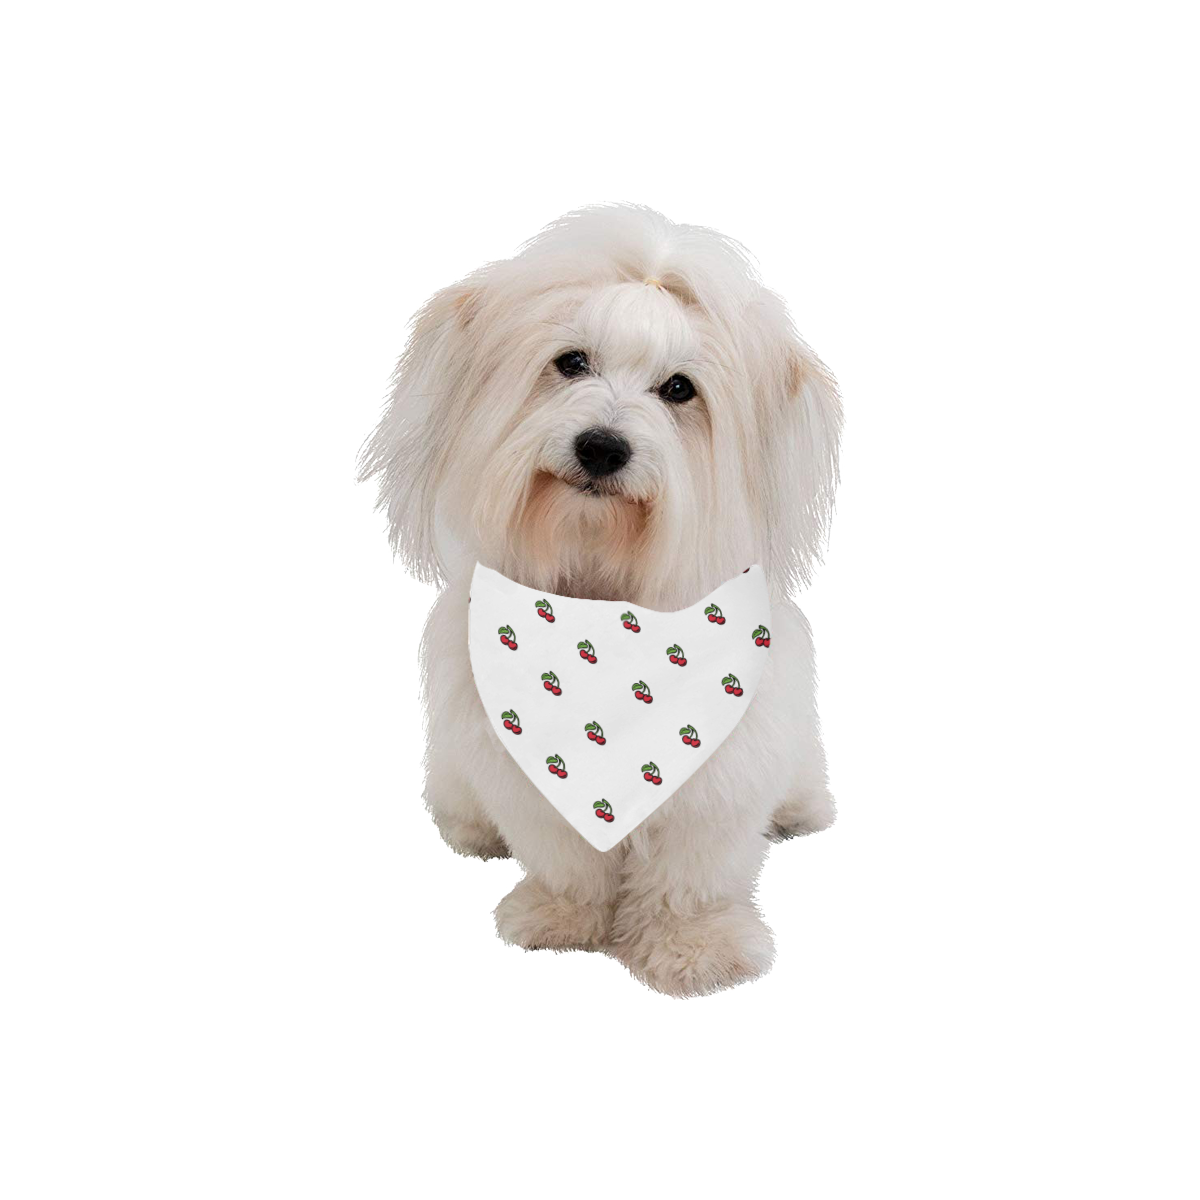 Bandana - Cherry Pet Dog Bandana/Large Size